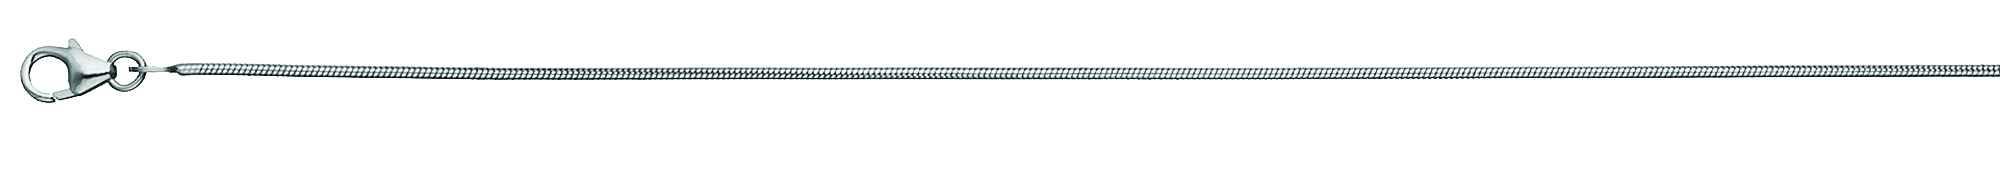 Aagaard 14 kt kæde - 4430390-45 fra aagaard fra brodersen + kobborg